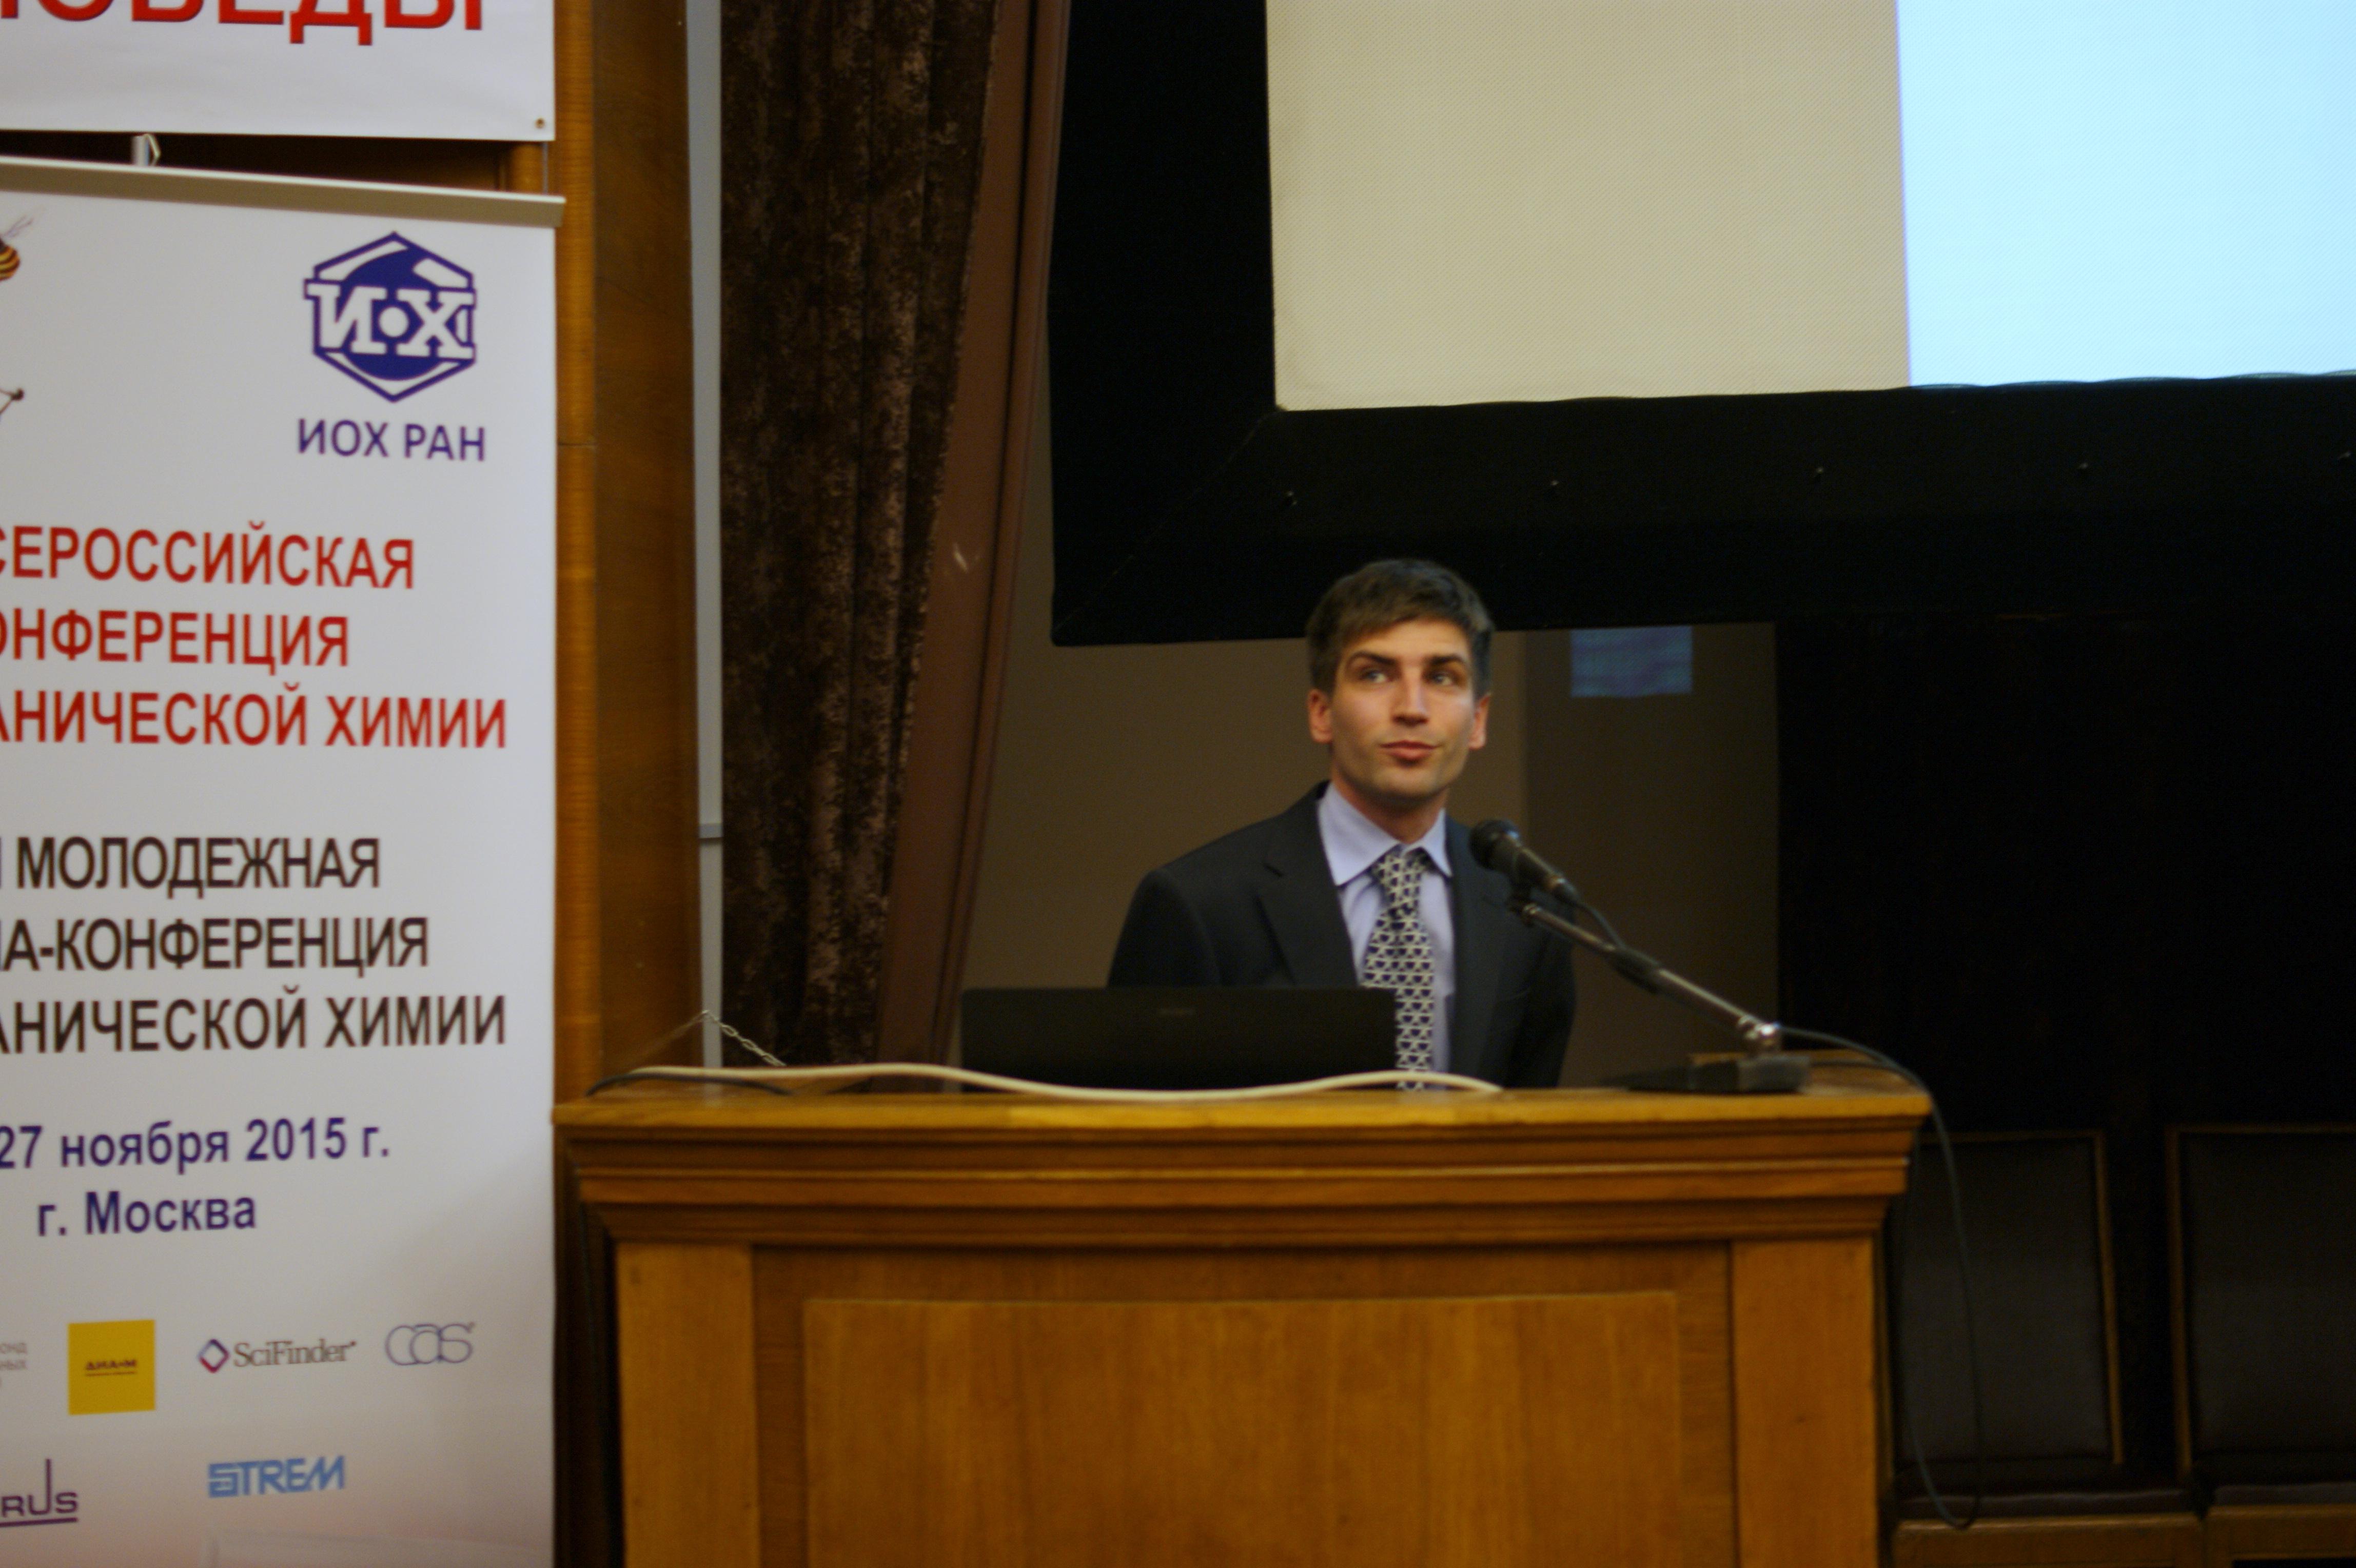 В Институте состоялась защита кандидатской диссертации  Михайлов Андрей Андреевич